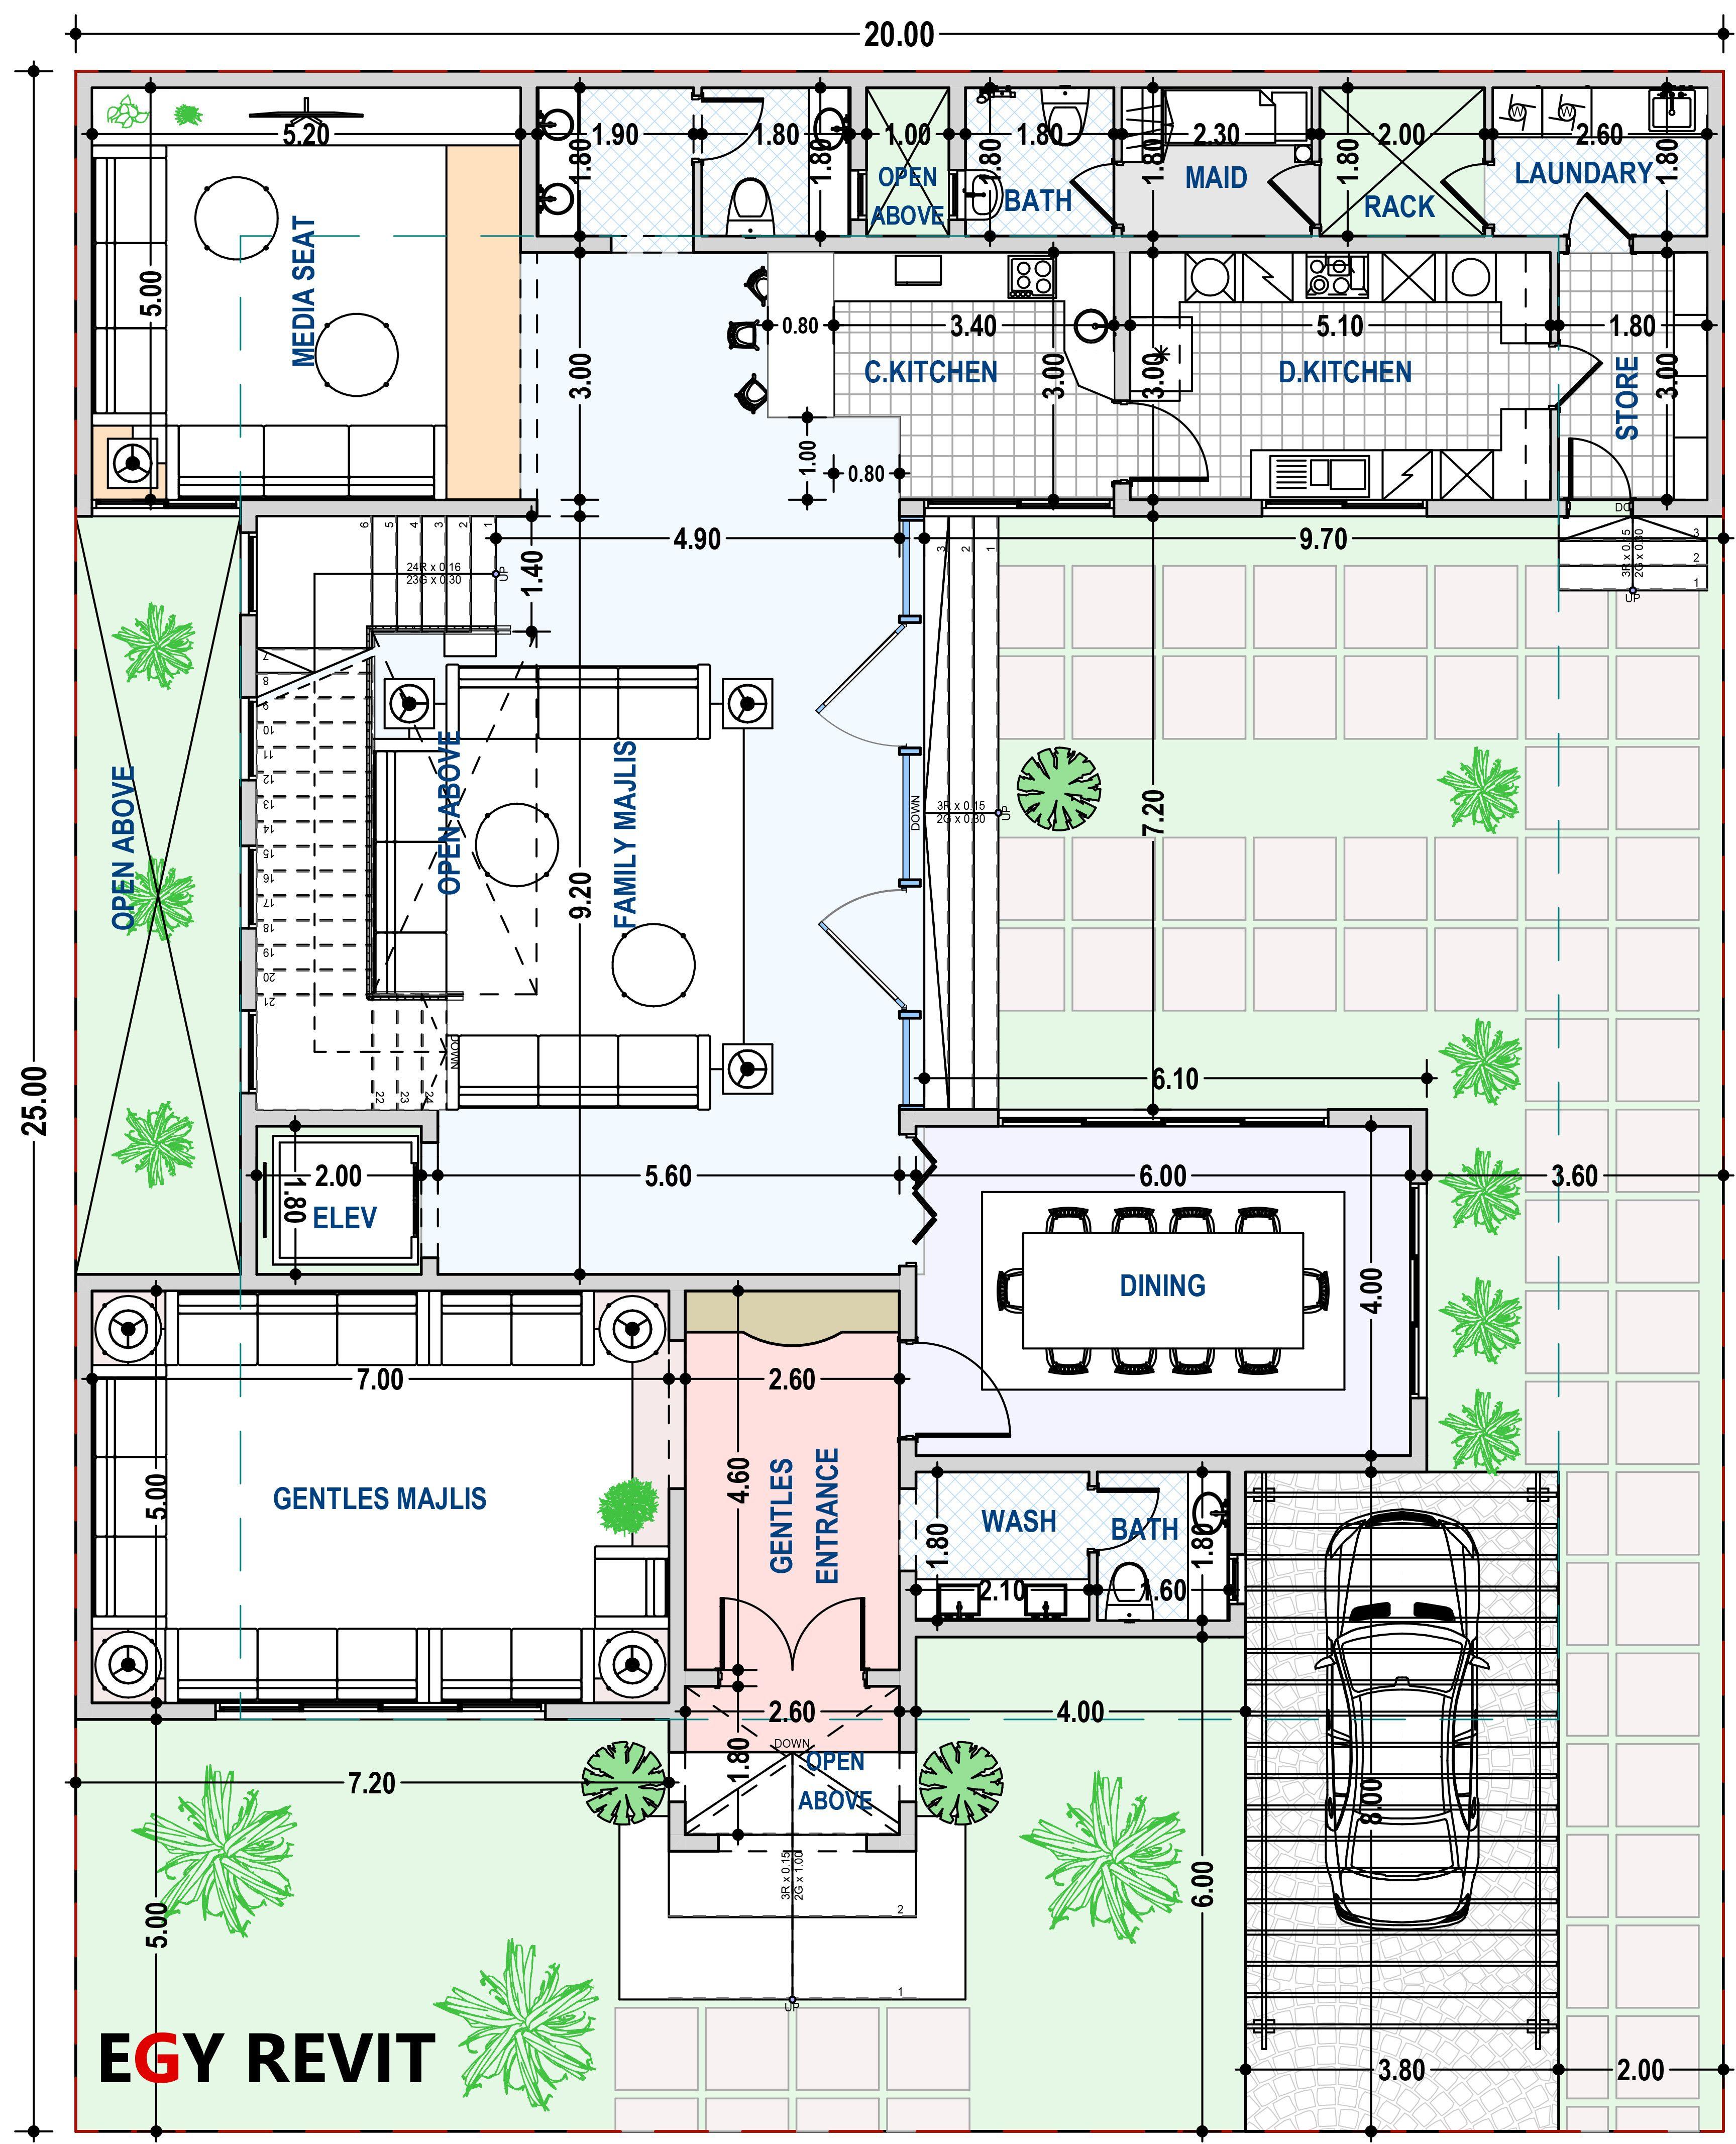 تصميم دور ارضي لفيلا بالسعوديه Square House Plans Architectural Floor Plans Model House Plan